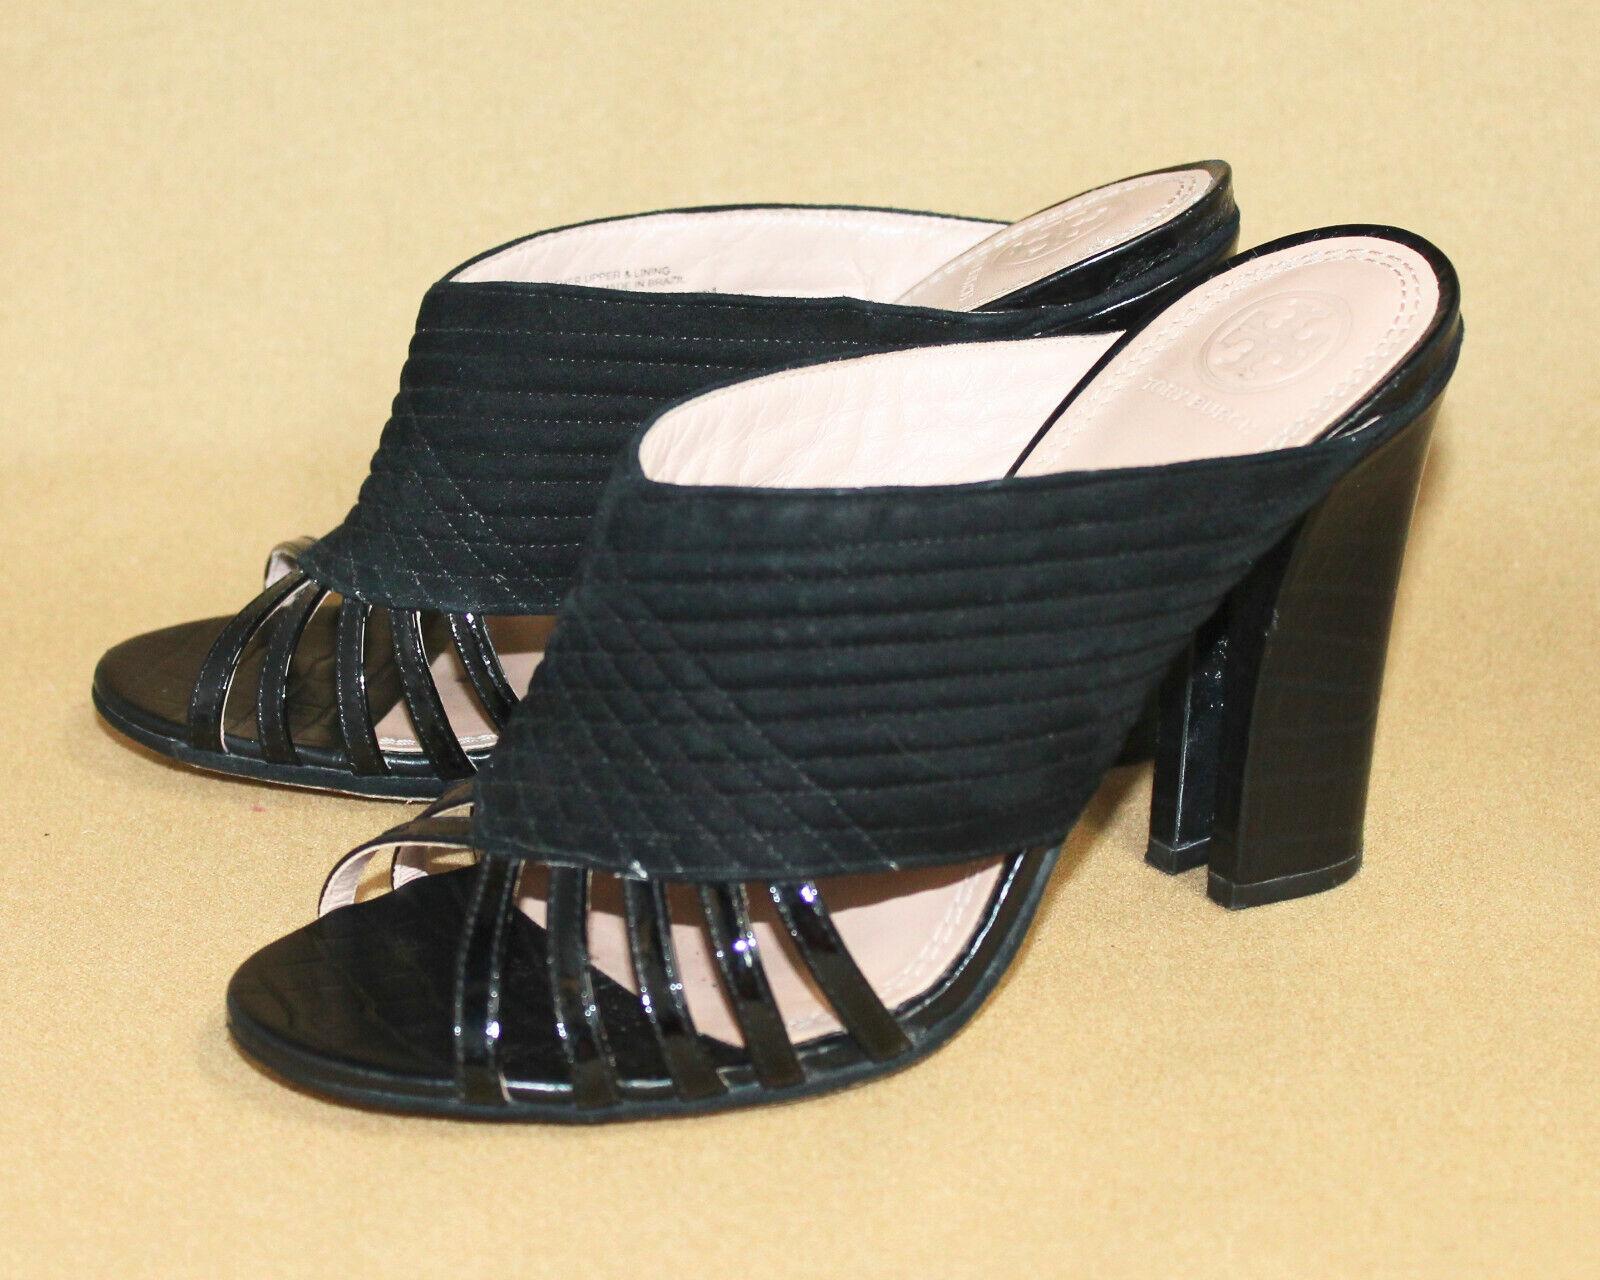 ORY BURCH Brida Open Toe High  Heel Mule Wo's 7M nero Quilt Suede Patent Lthr  risparmia fino al 70%